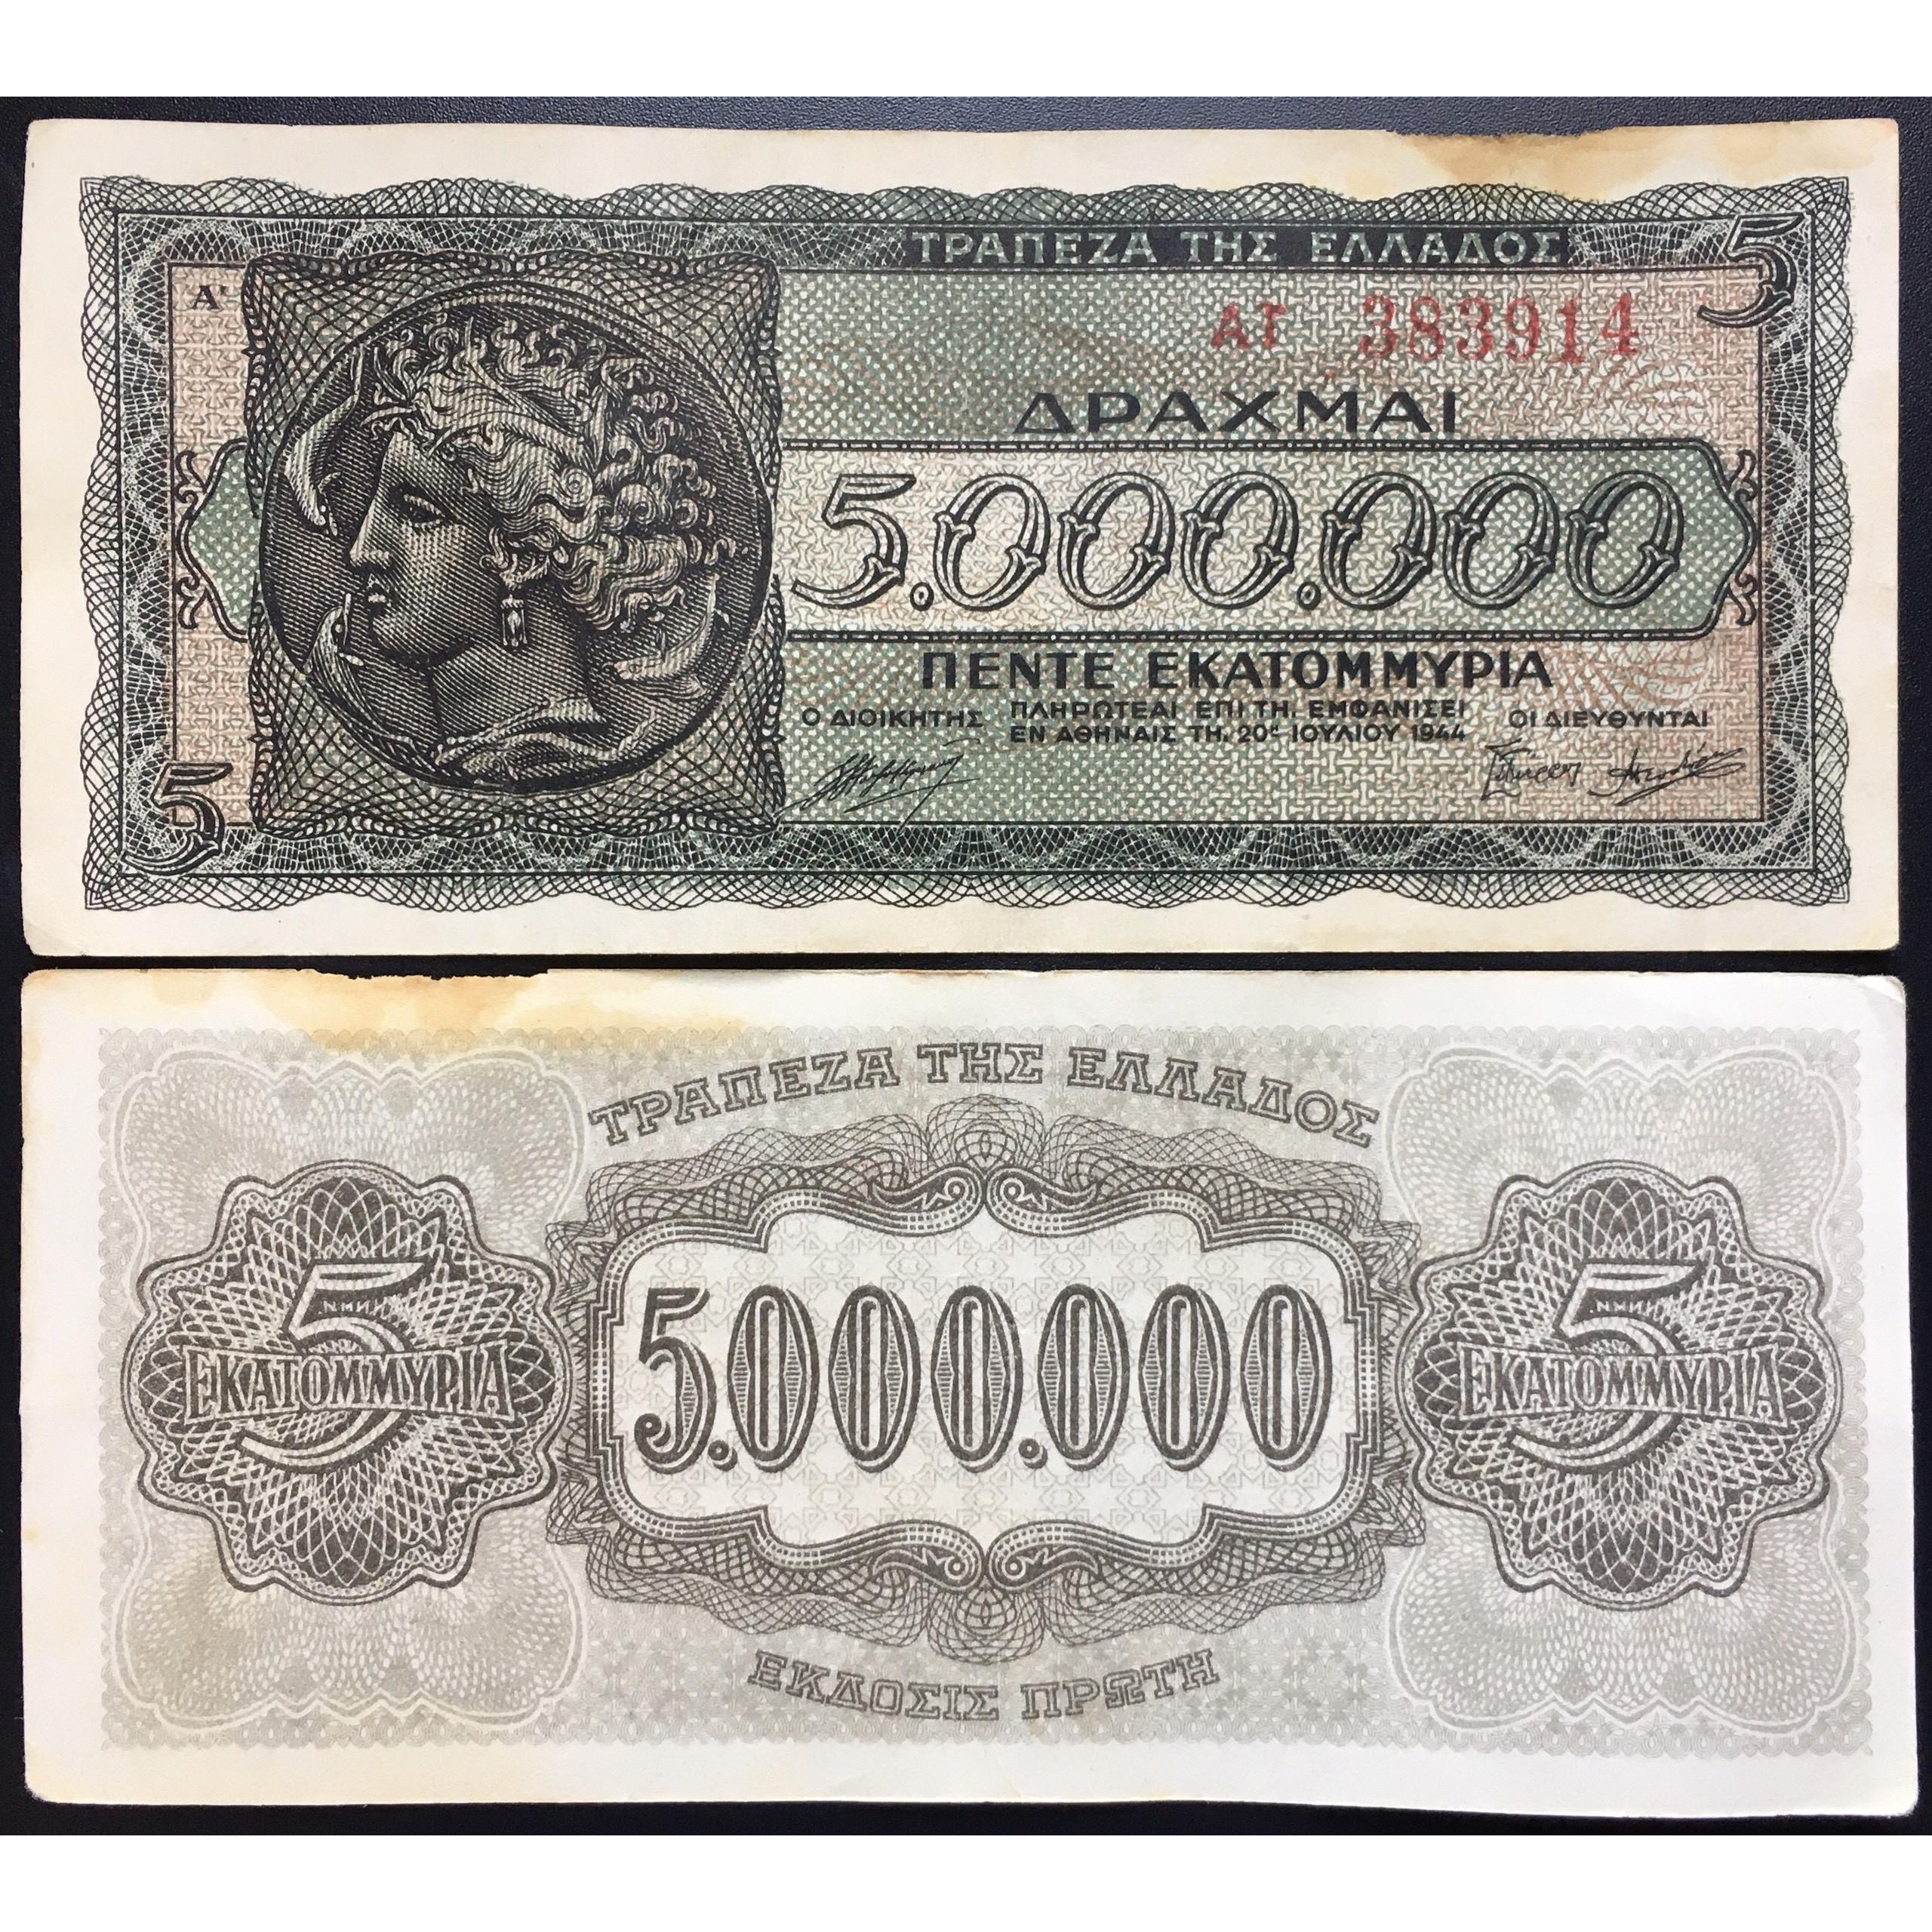 Tiền Cố Xưa Hy Lạp 5,000,000 Hình Tượng Nữ Thần